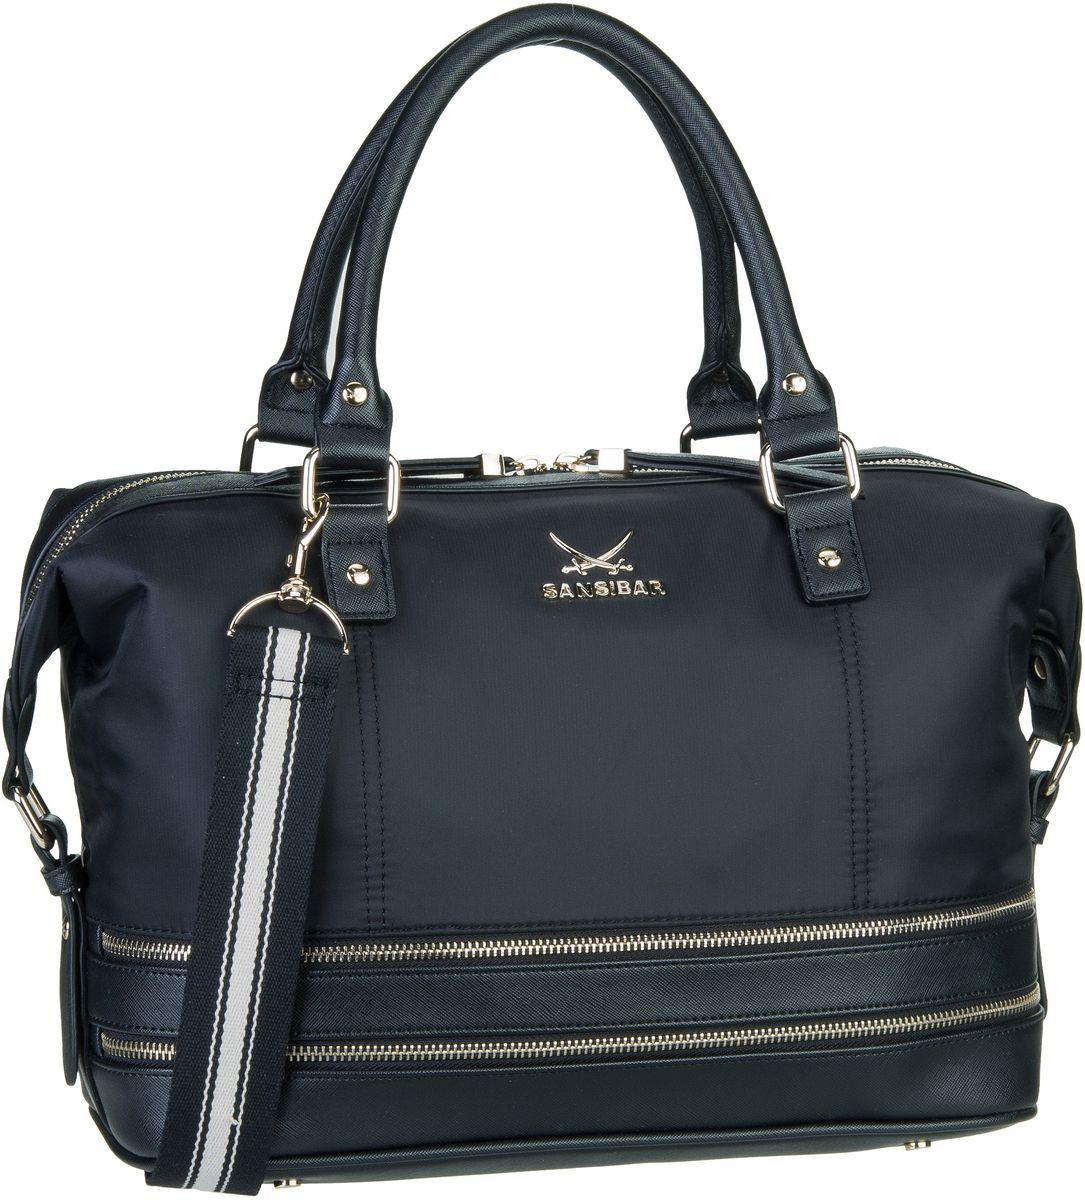 Handtasche Zip Bag 1273 Black